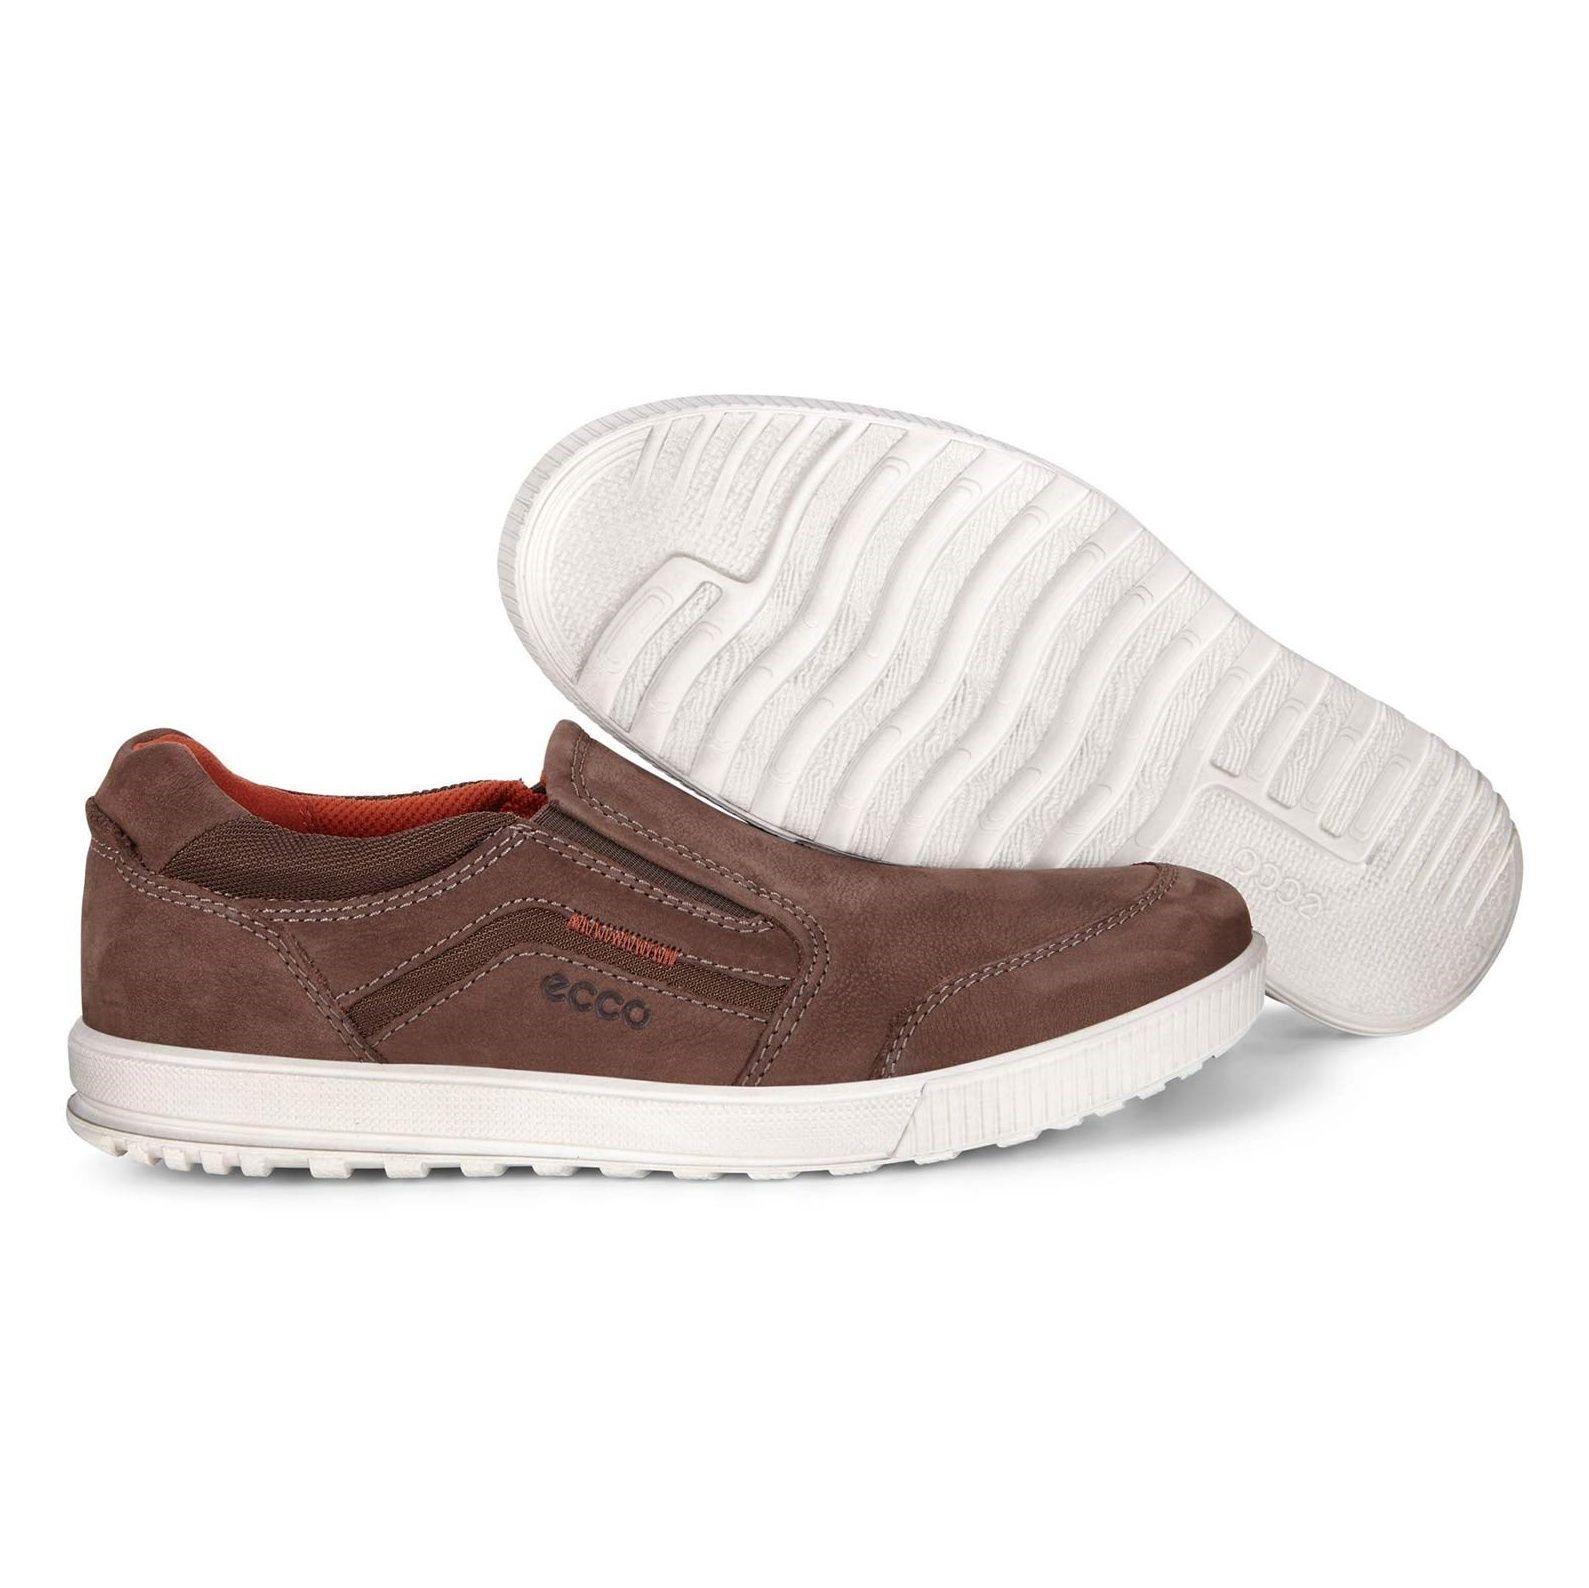 کفش راحتی مردانه Ennio - اکو - قهوه اي  - 4